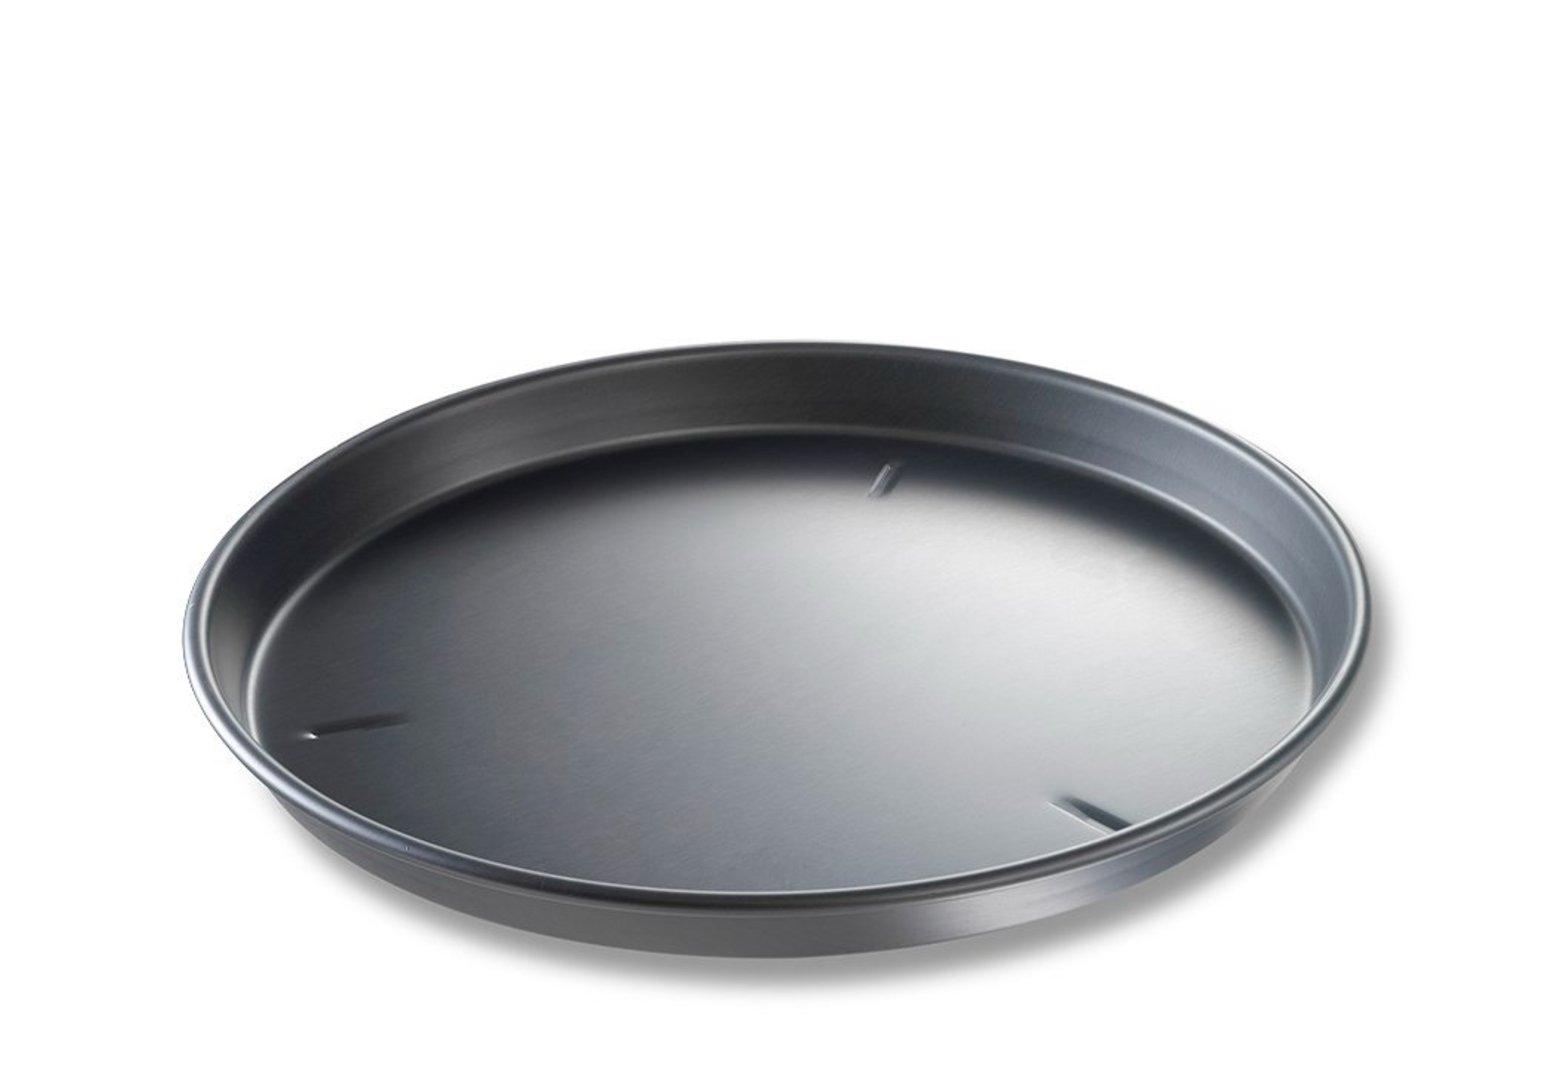 BAKALON DEEP DISH PIZZA PAN